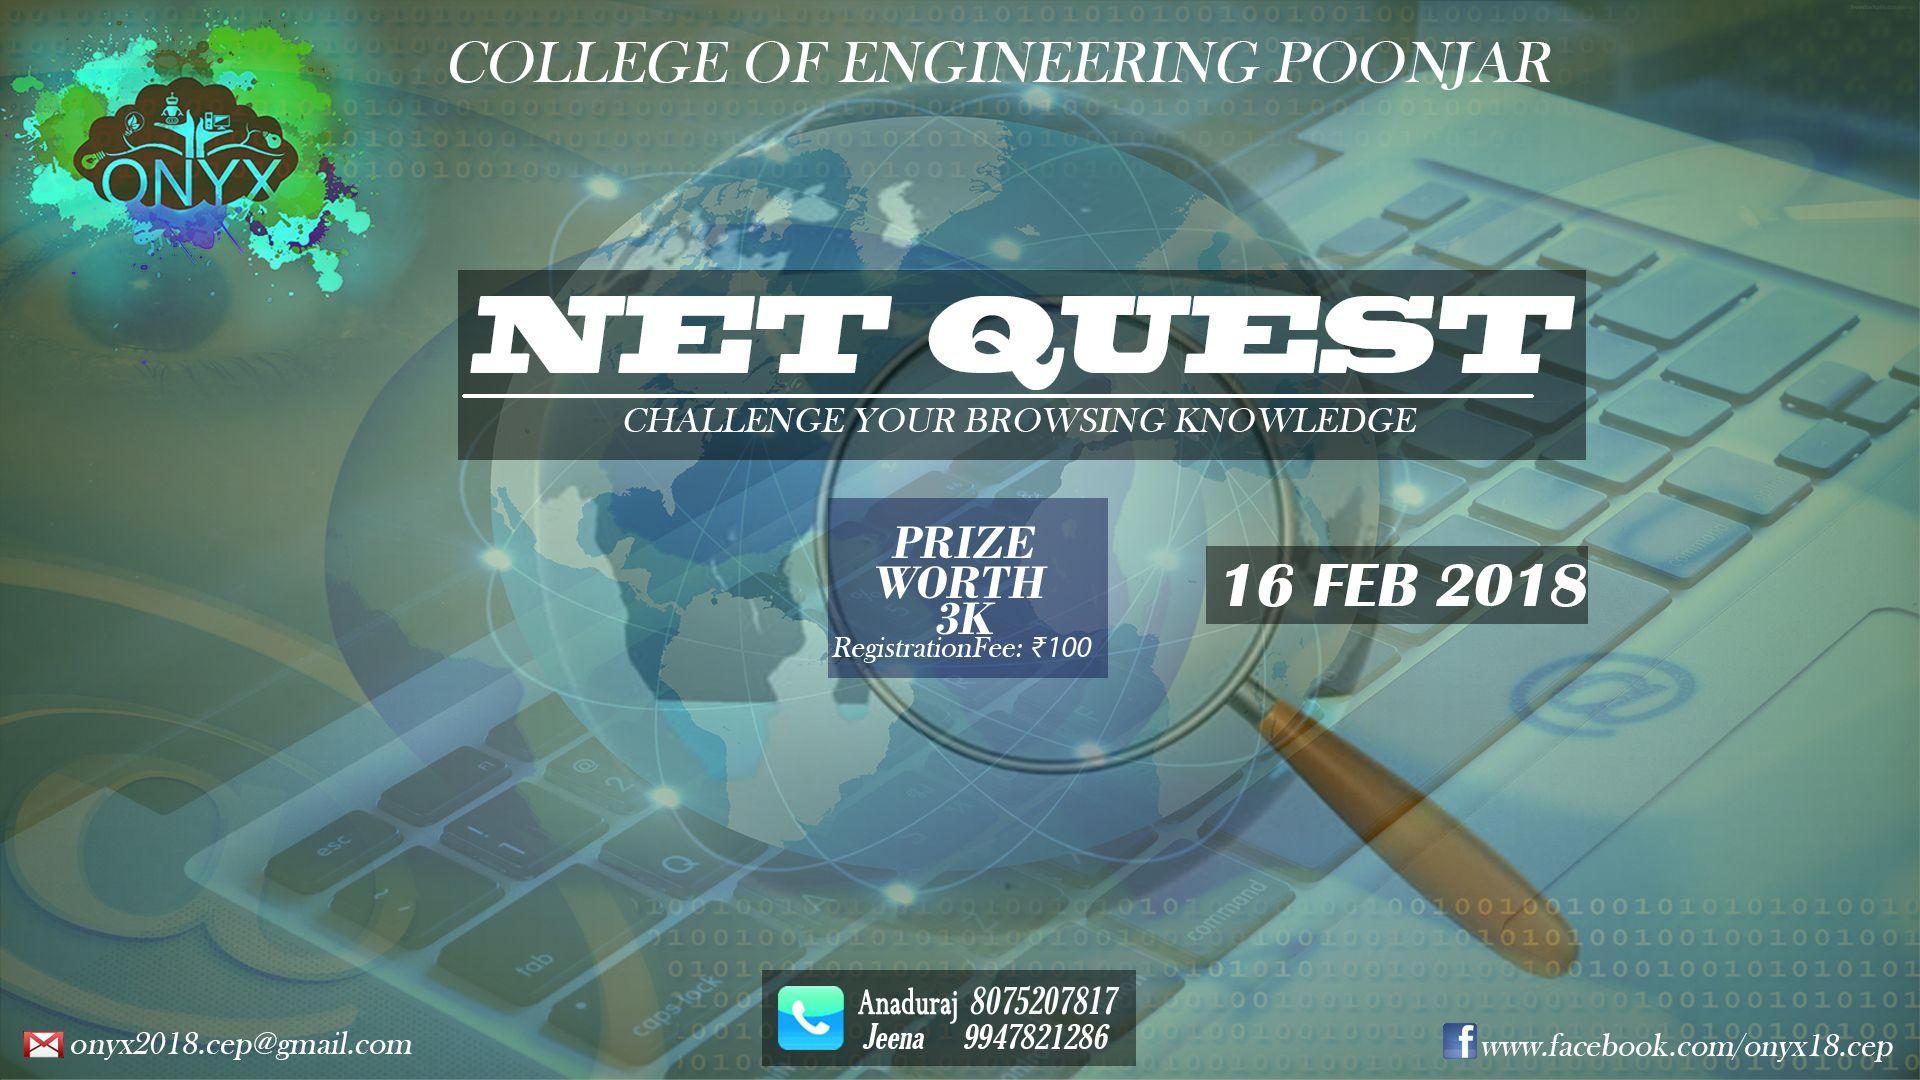 net-quest-1920x1080